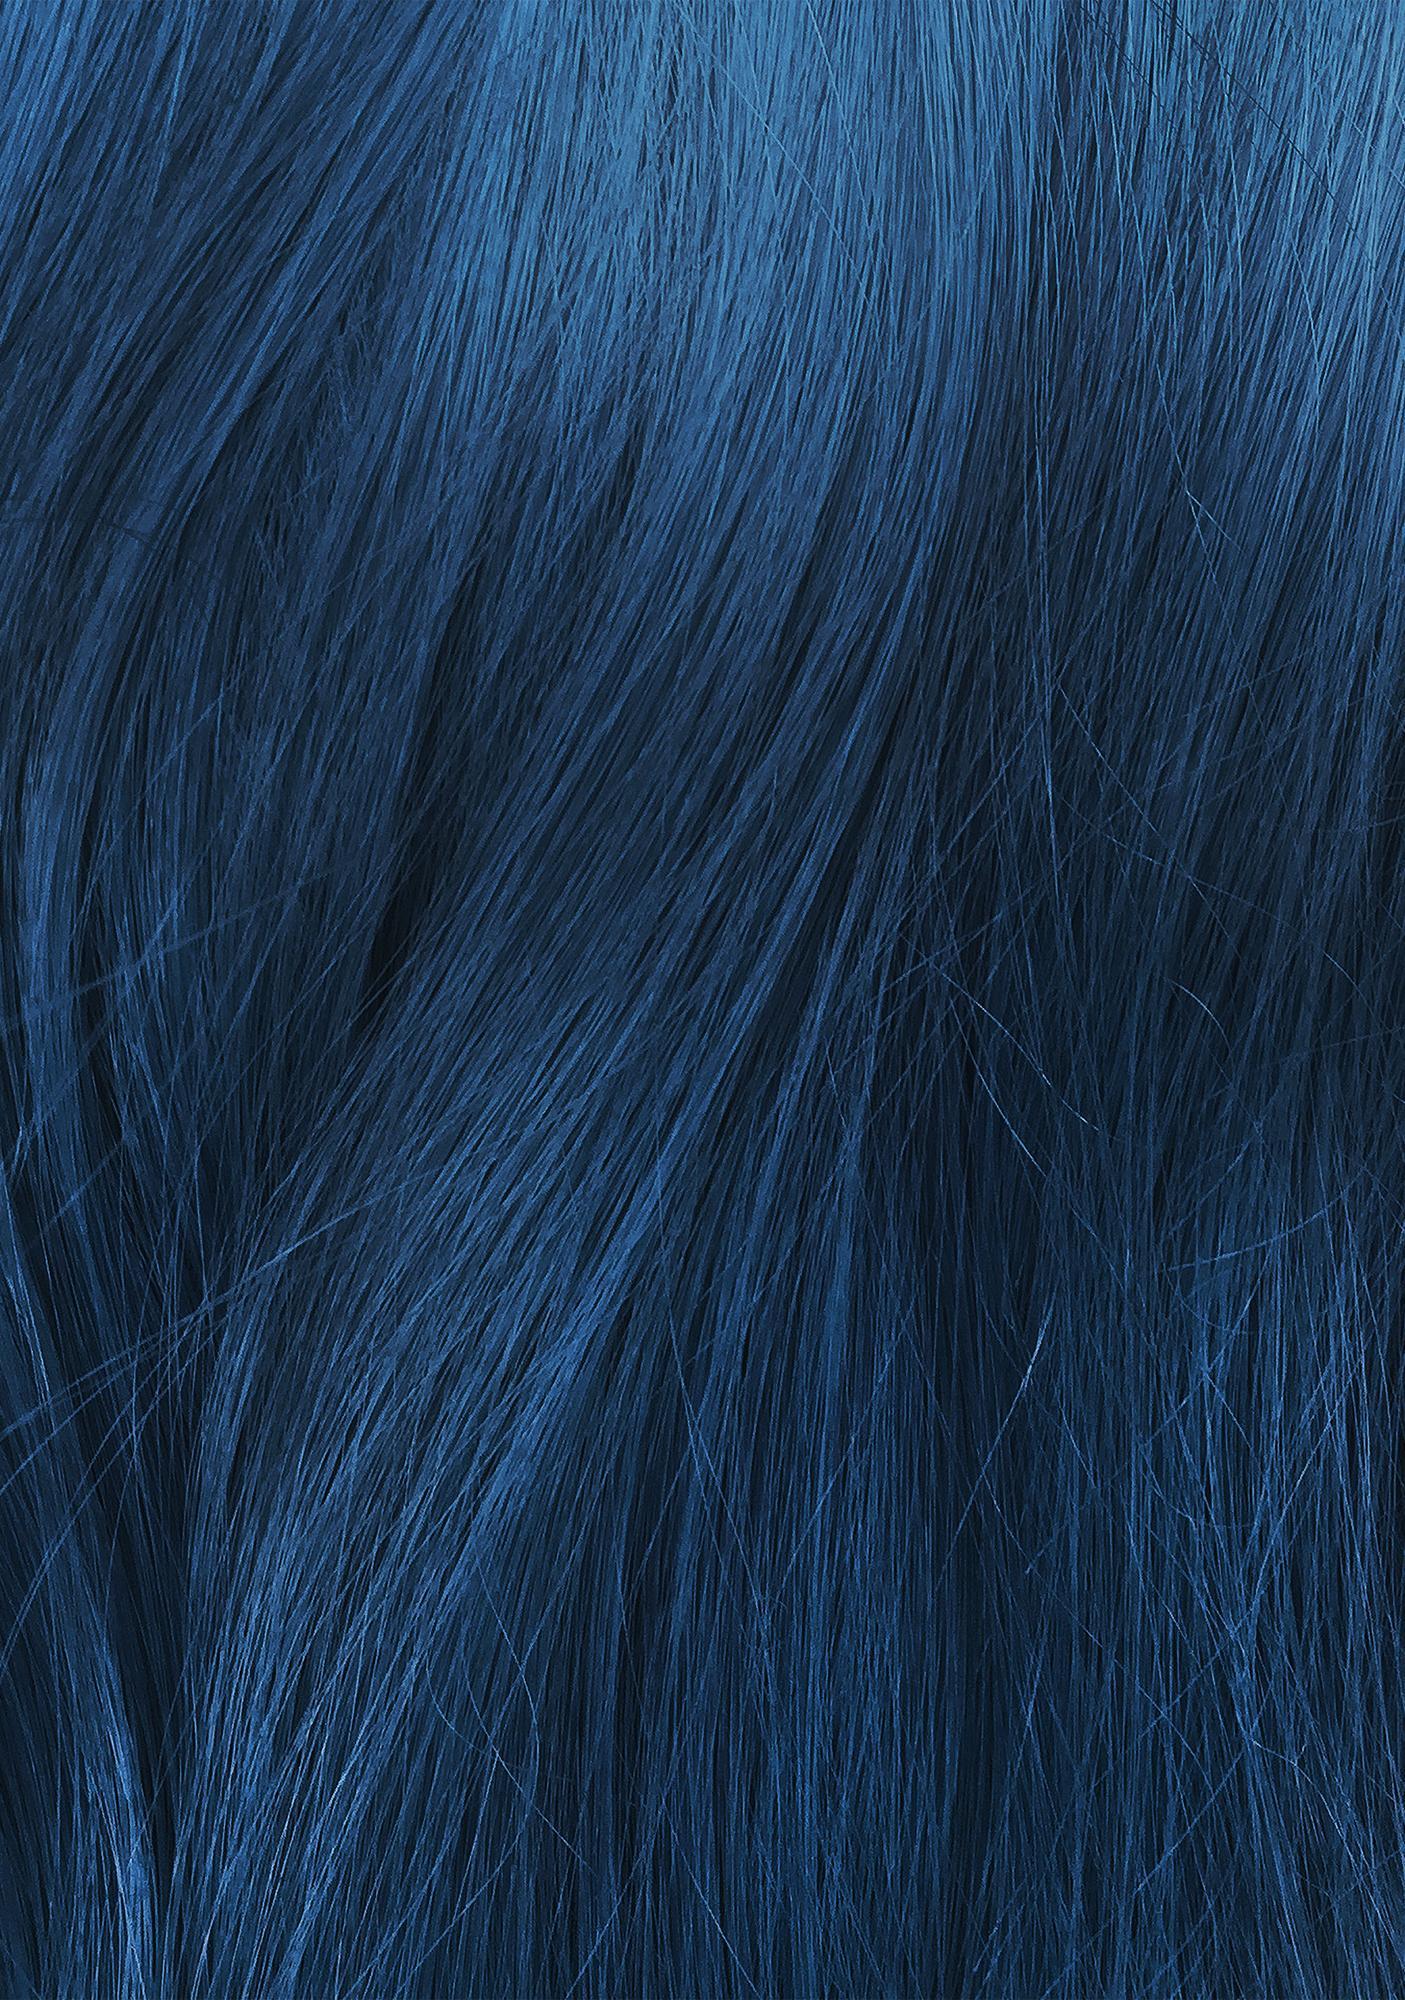 Lime Crime Blue Smoke Unicorn Hair Dye | Dolls Kill